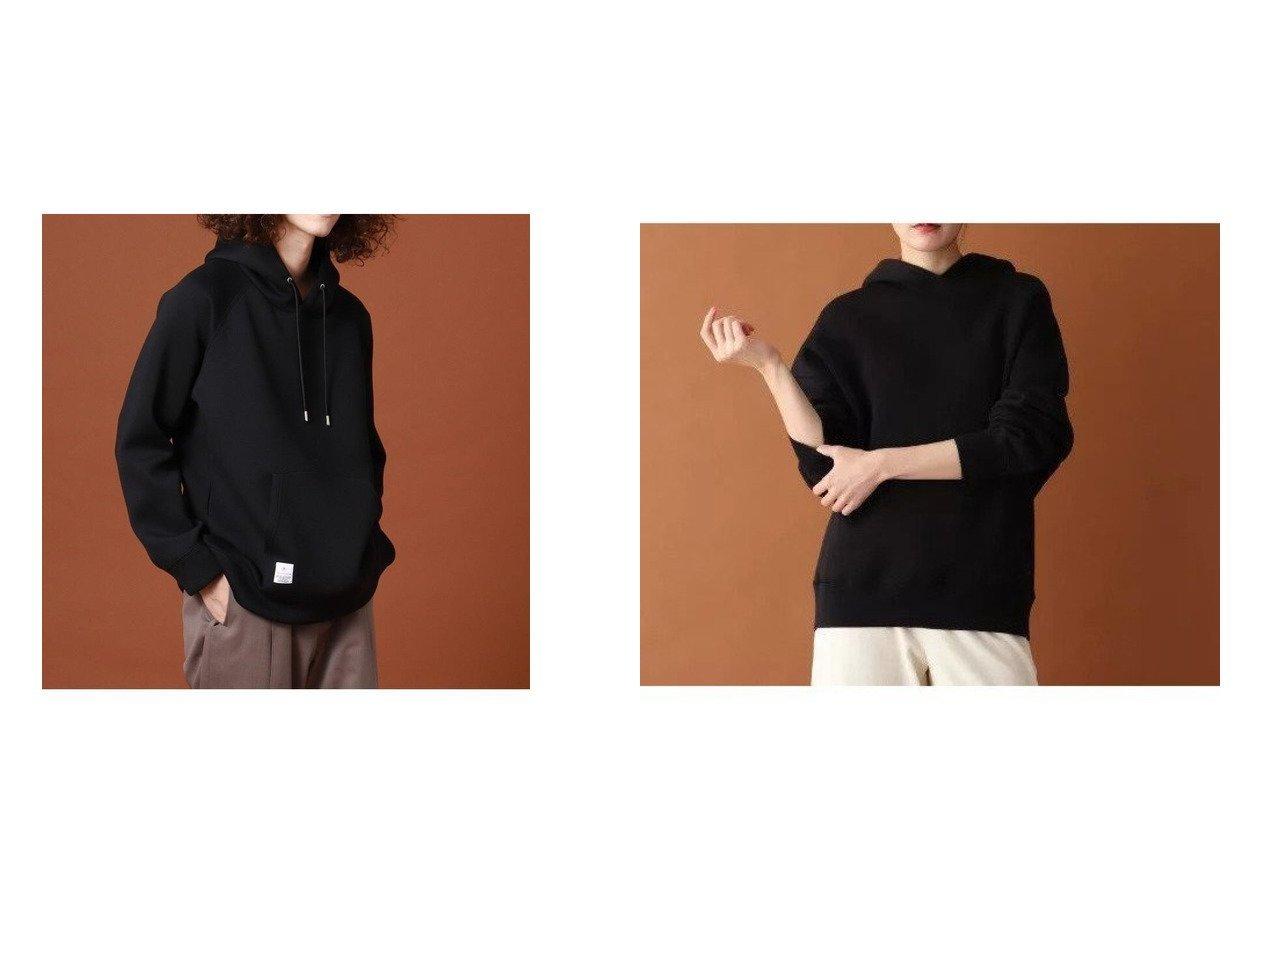 【DRESSTERIOR/ドレステリア】のダンボールニットパーカー&カシミヤタッチコットン裏毛パーカー DRESSTERIORのおすすめ!人気、トレンド・レディースファッションの通販  おすすめで人気の流行・トレンド、ファッションの通販商品 メンズファッション・キッズファッション・インテリア・家具・レディースファッション・服の通販 founy(ファニー) https://founy.com/ ファッション Fashion レディースファッション WOMEN トップス Tops Tshirt ニット Knit Tops パーカ Sweats スウェット Sweat シンプル スリーブ パーカー ベーシック 再入荷 Restock/Back in Stock/Re Arrival NEW・新作・新着・新入荷 New Arrivals なめらか カシミヤ スウェット  ID:crp329100000018956